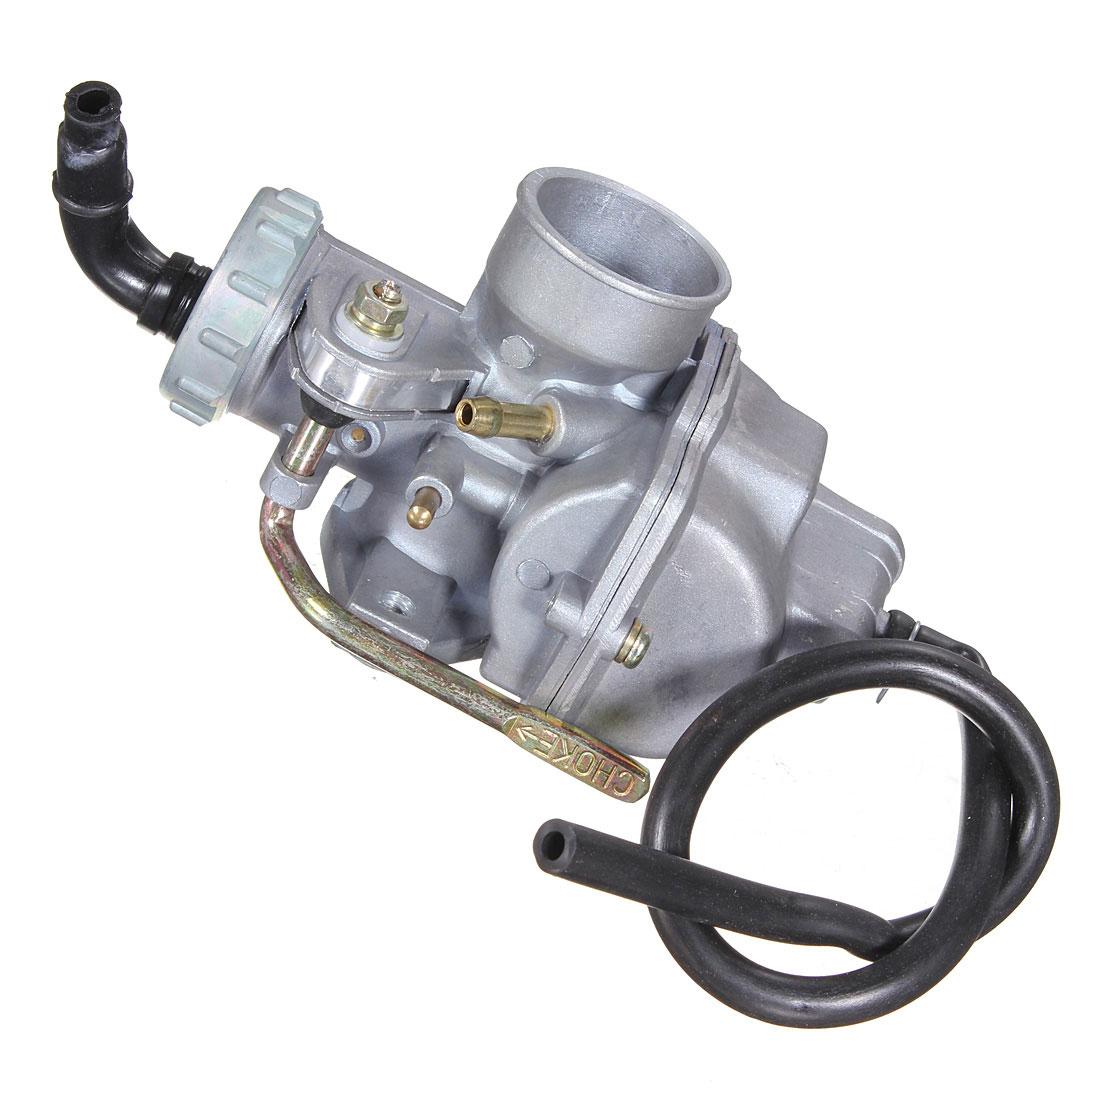 Carburetor Carb PZ20 PZ16 For 50cc 90cc ATVs Go Karts Dirt Kazuma Sunl Quad For Kazuma